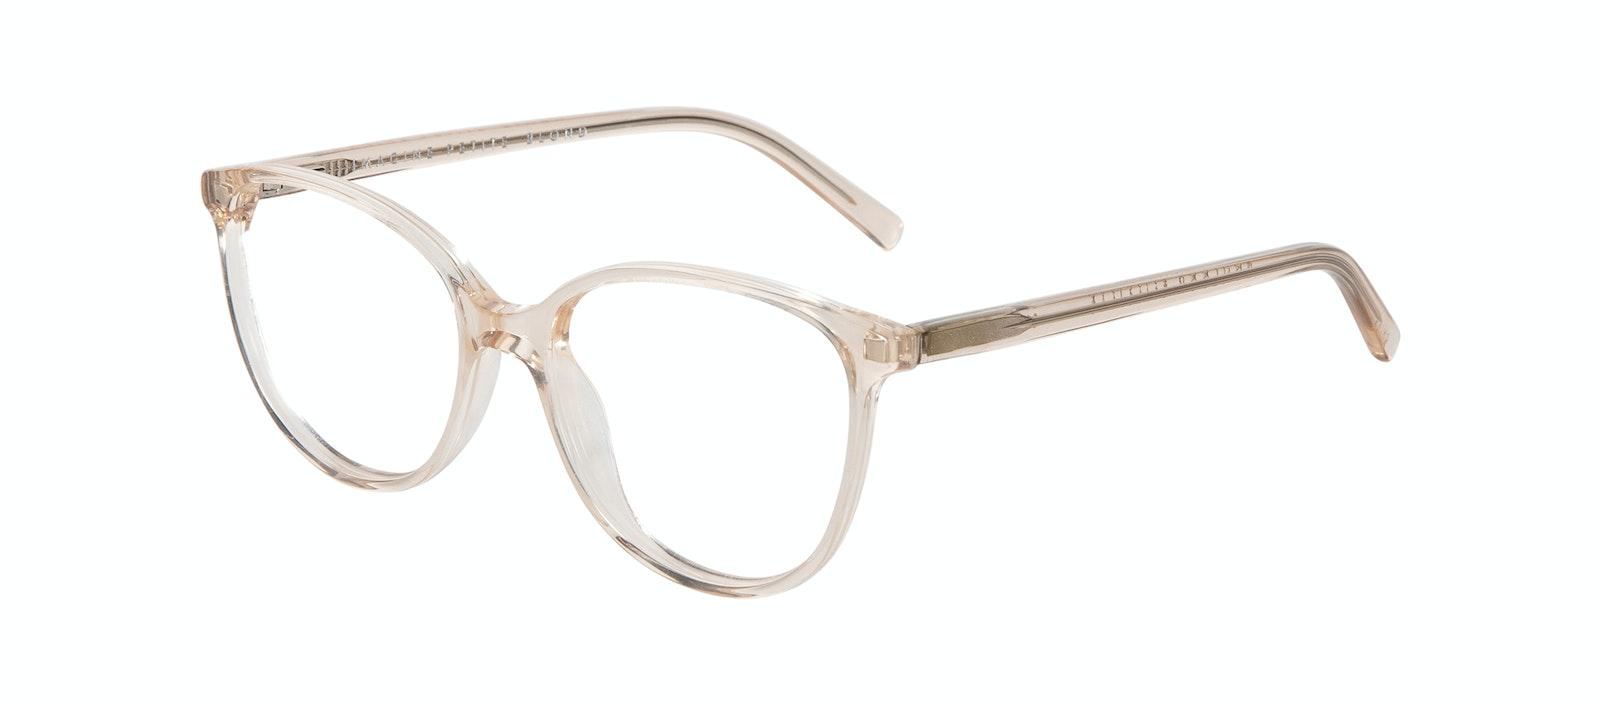 Affordable Fashion Glasses Cat Eye Eyeglasses Women Imagine XS Blond Tilt